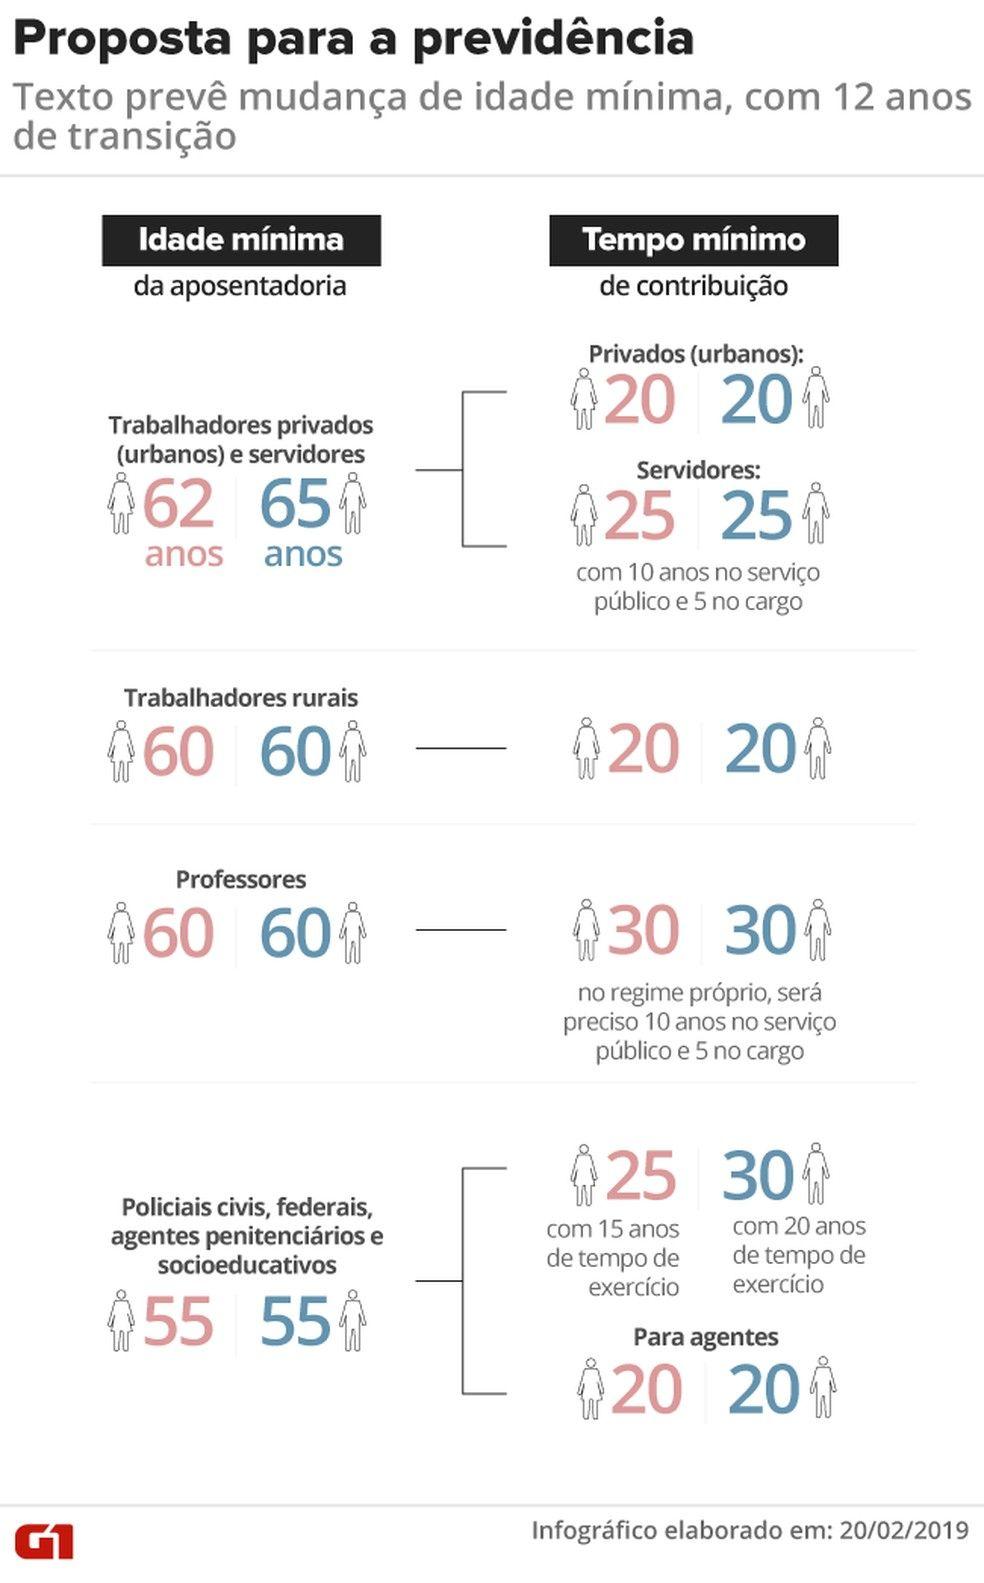 Proposta da reforma da Previdncia idade mnima e tempo de contribuio Foto Juliane Monteiro e Rodrigo CunhaG1